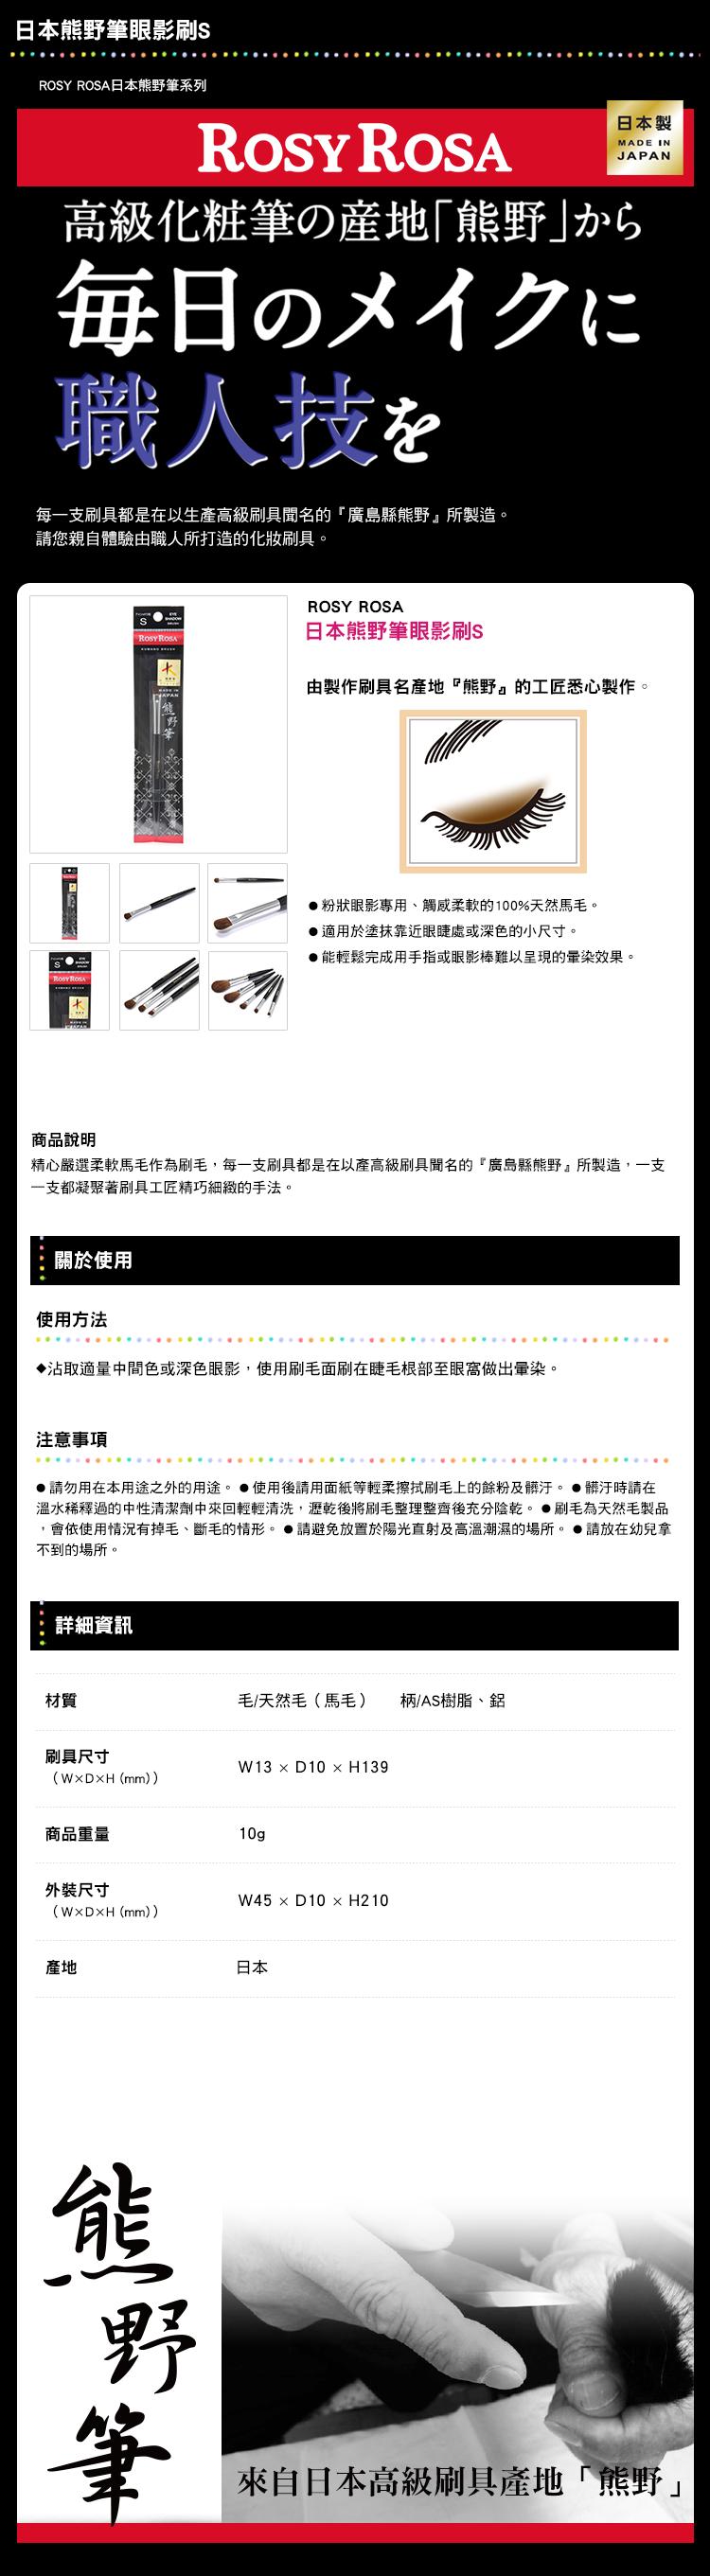 日本製》ROSY ROSA 日本熊野筆眼影刷S | 線上購物|千康有限公司